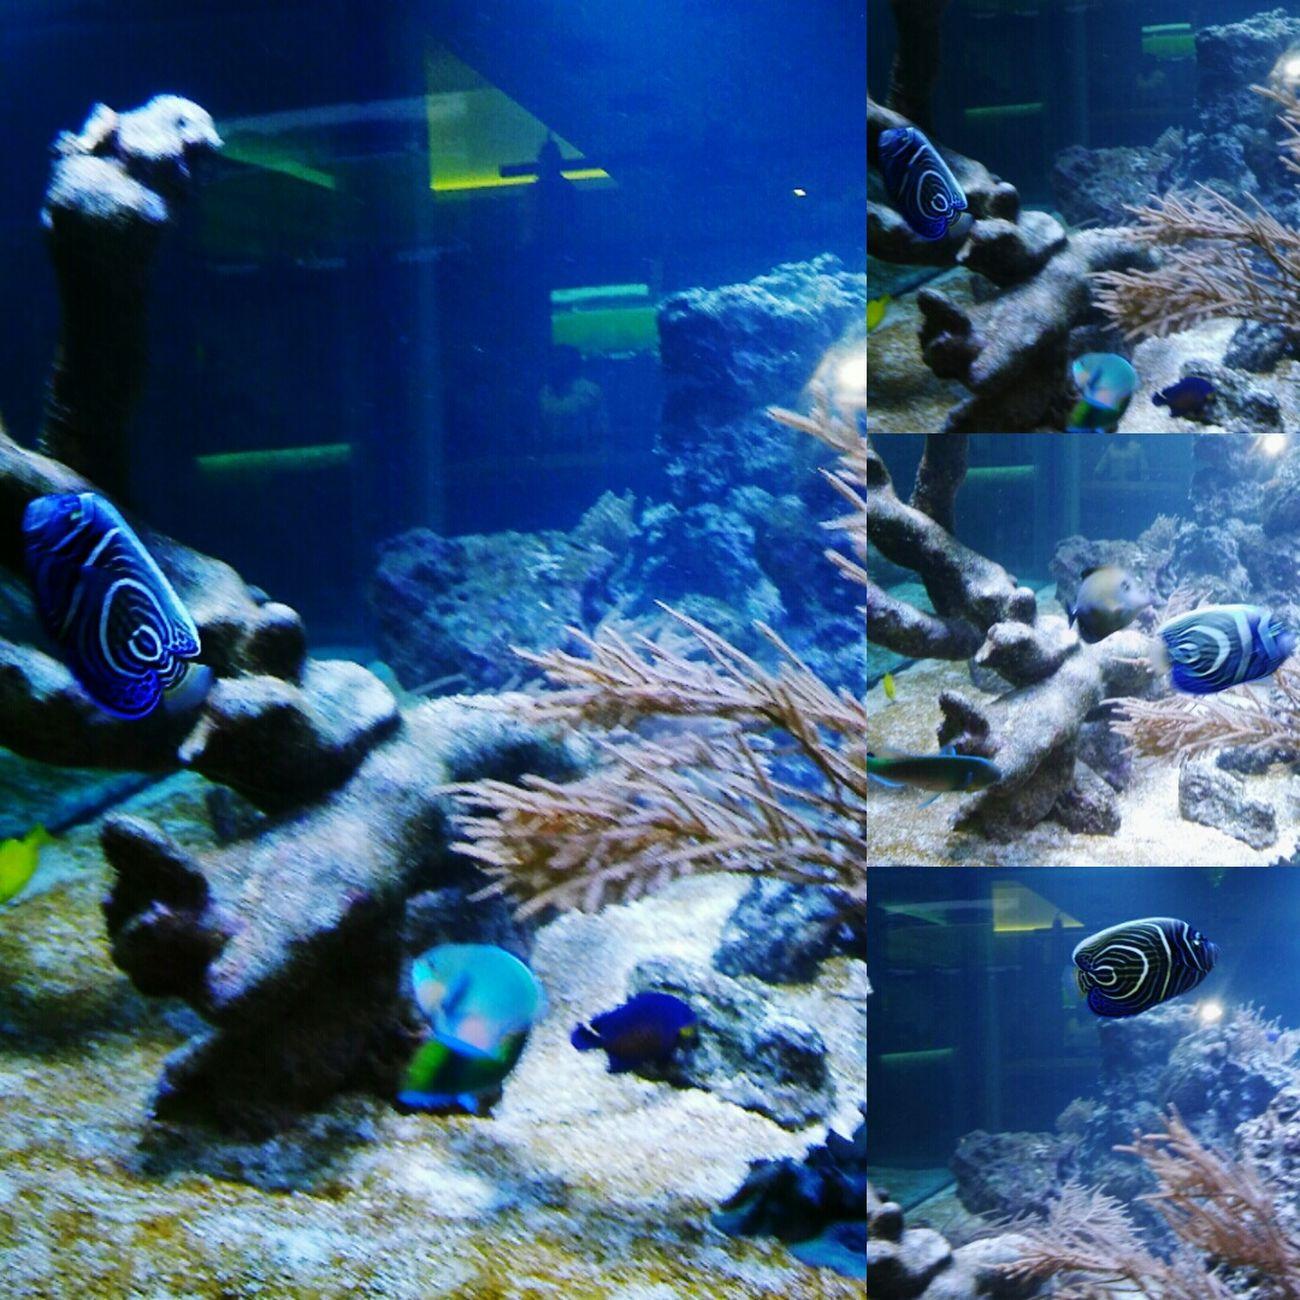 Blue Collage Aquarium Aquatic Life Justtakingpictures :)